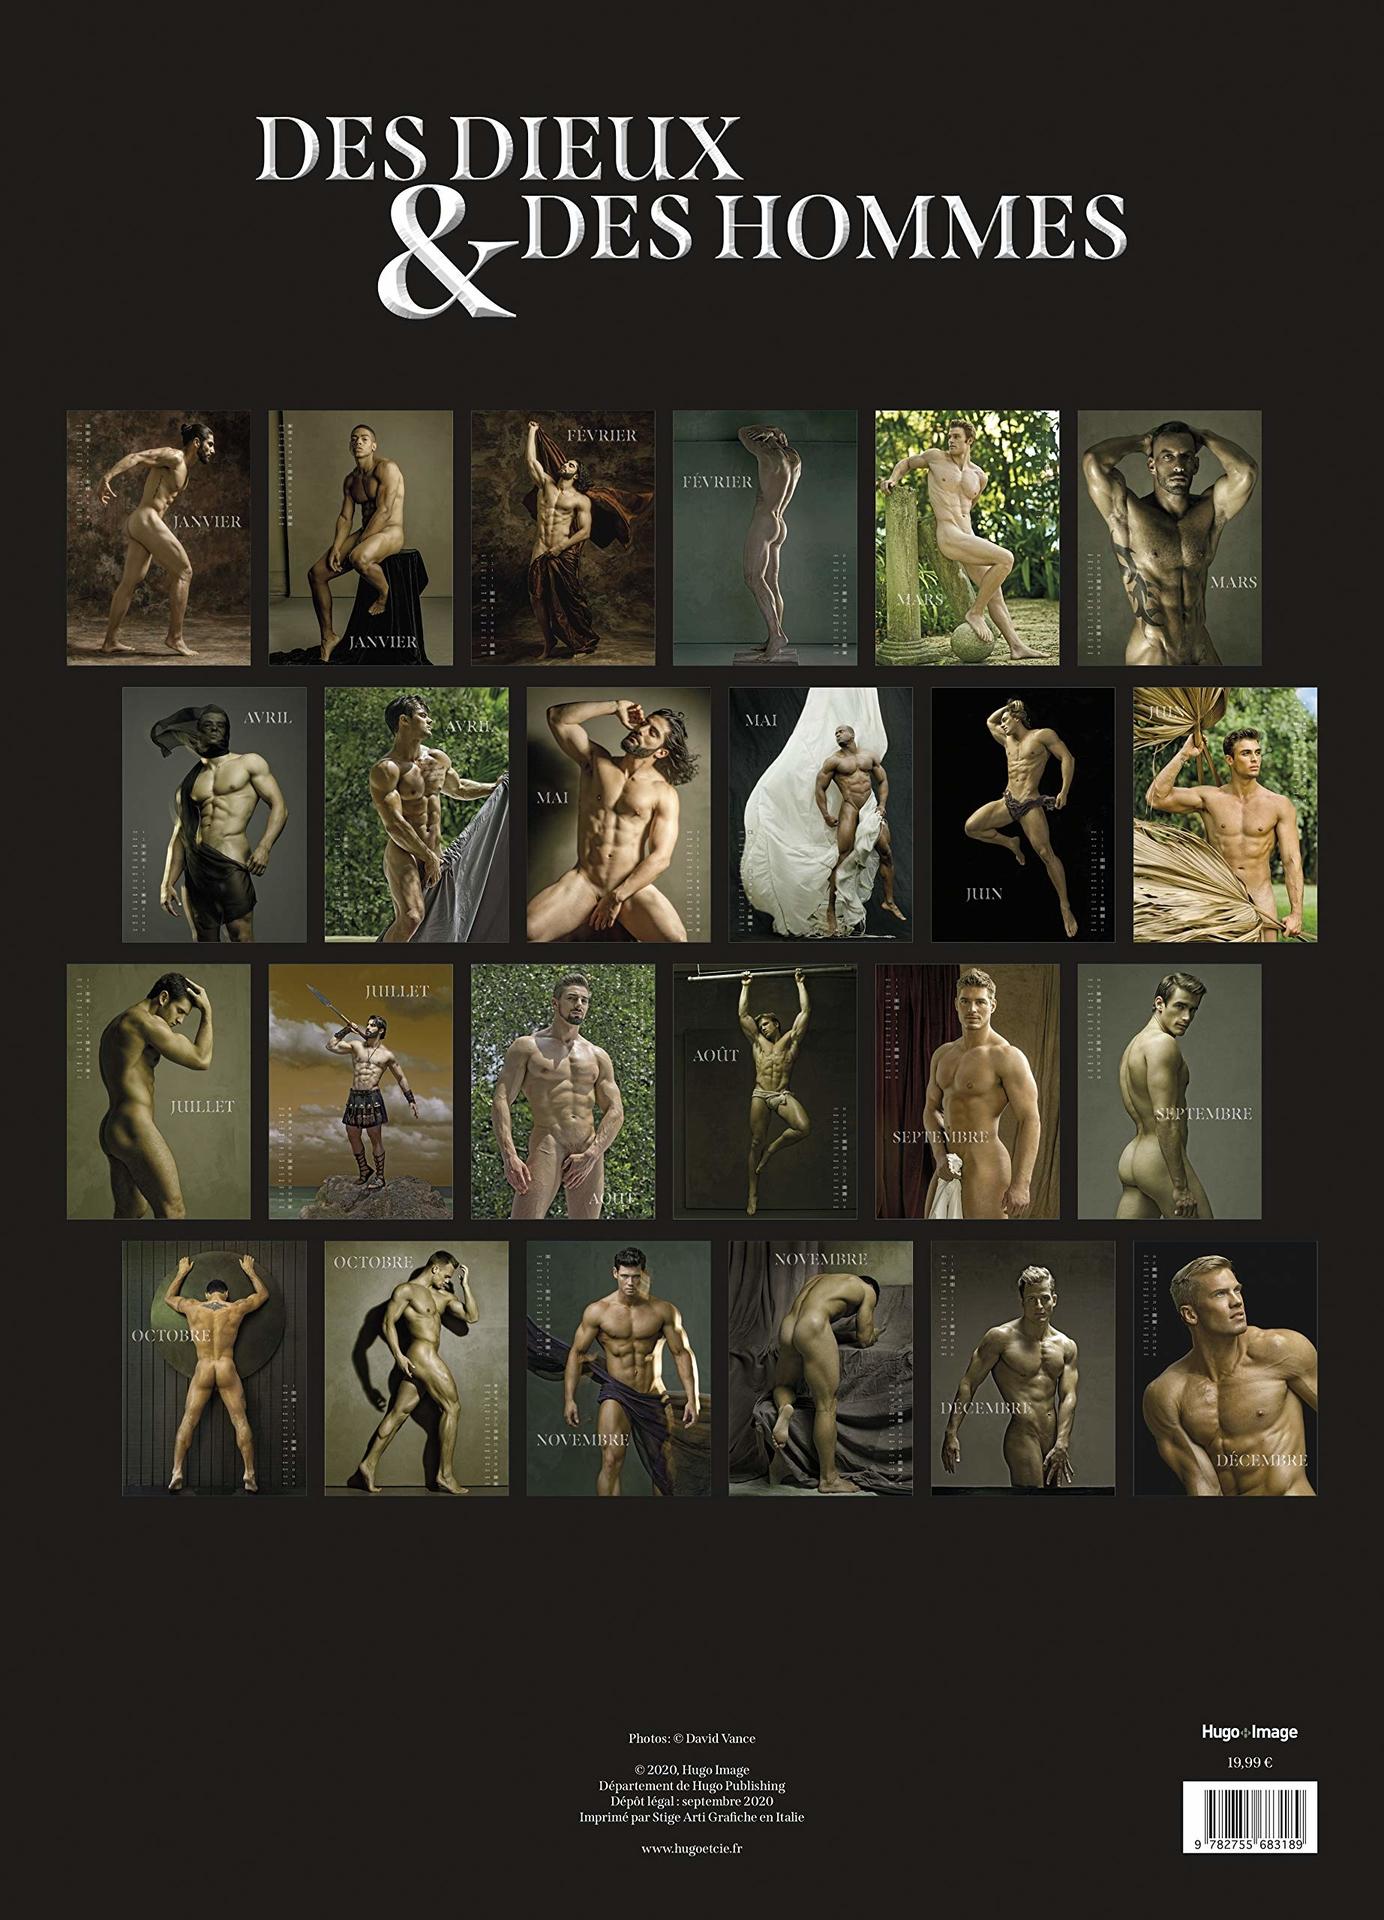 Calendrier mural Des dieux & des hommes 2021